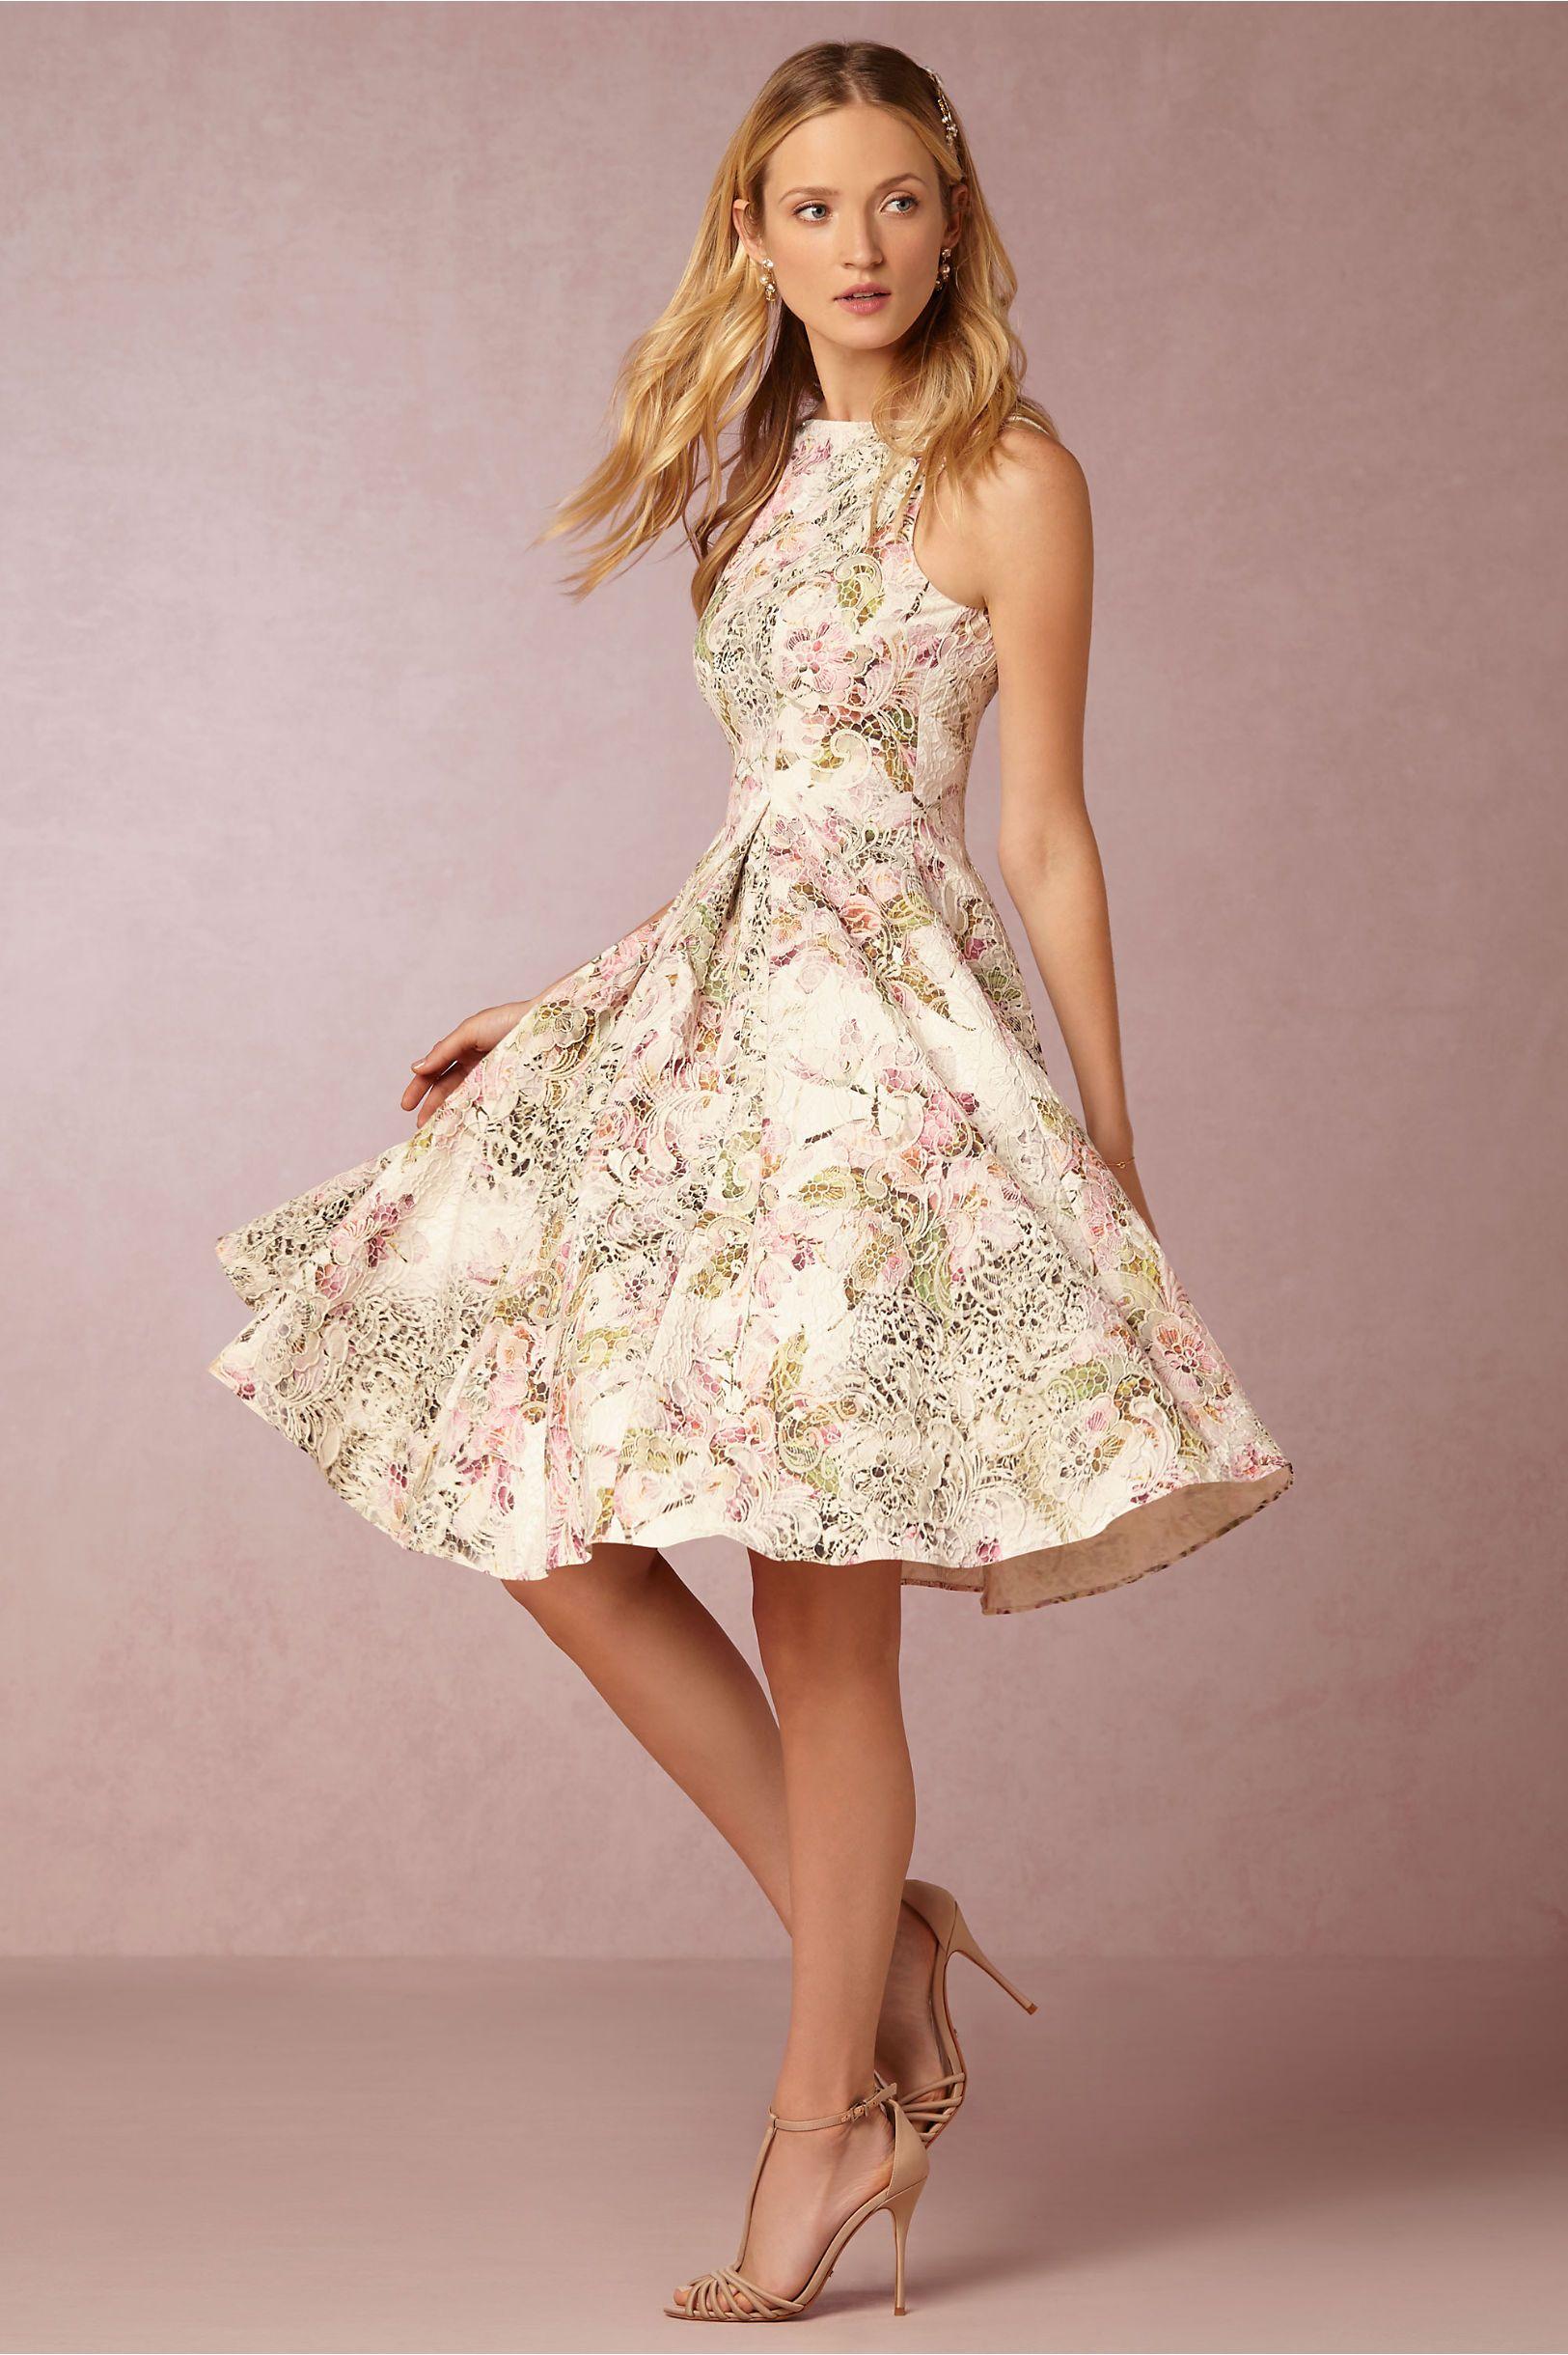 gardenia dress  shower dress for bride bride reception